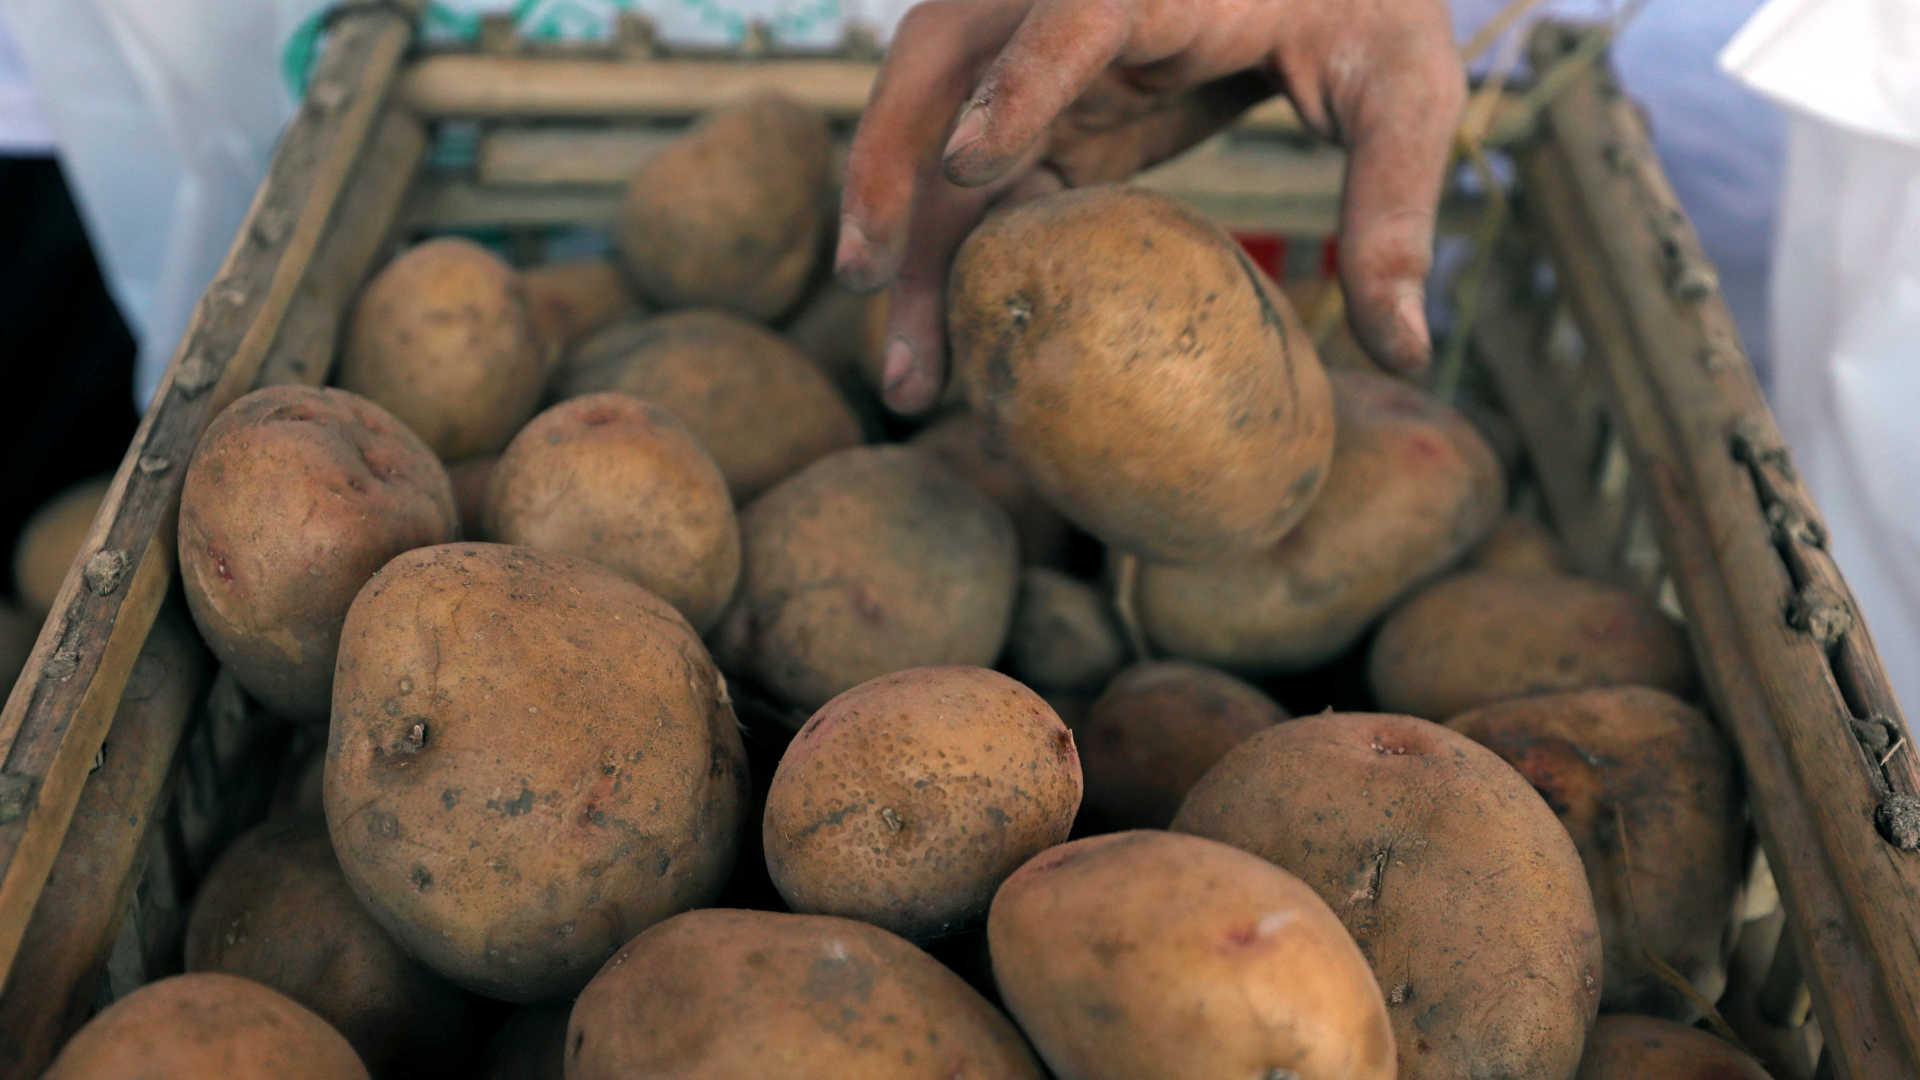 granada da i guerra encontrada em hong kong no meio de batatas importadas - BATATA - Granada da I Guerra encontrada em Hong Kong no meio de batatas importadas